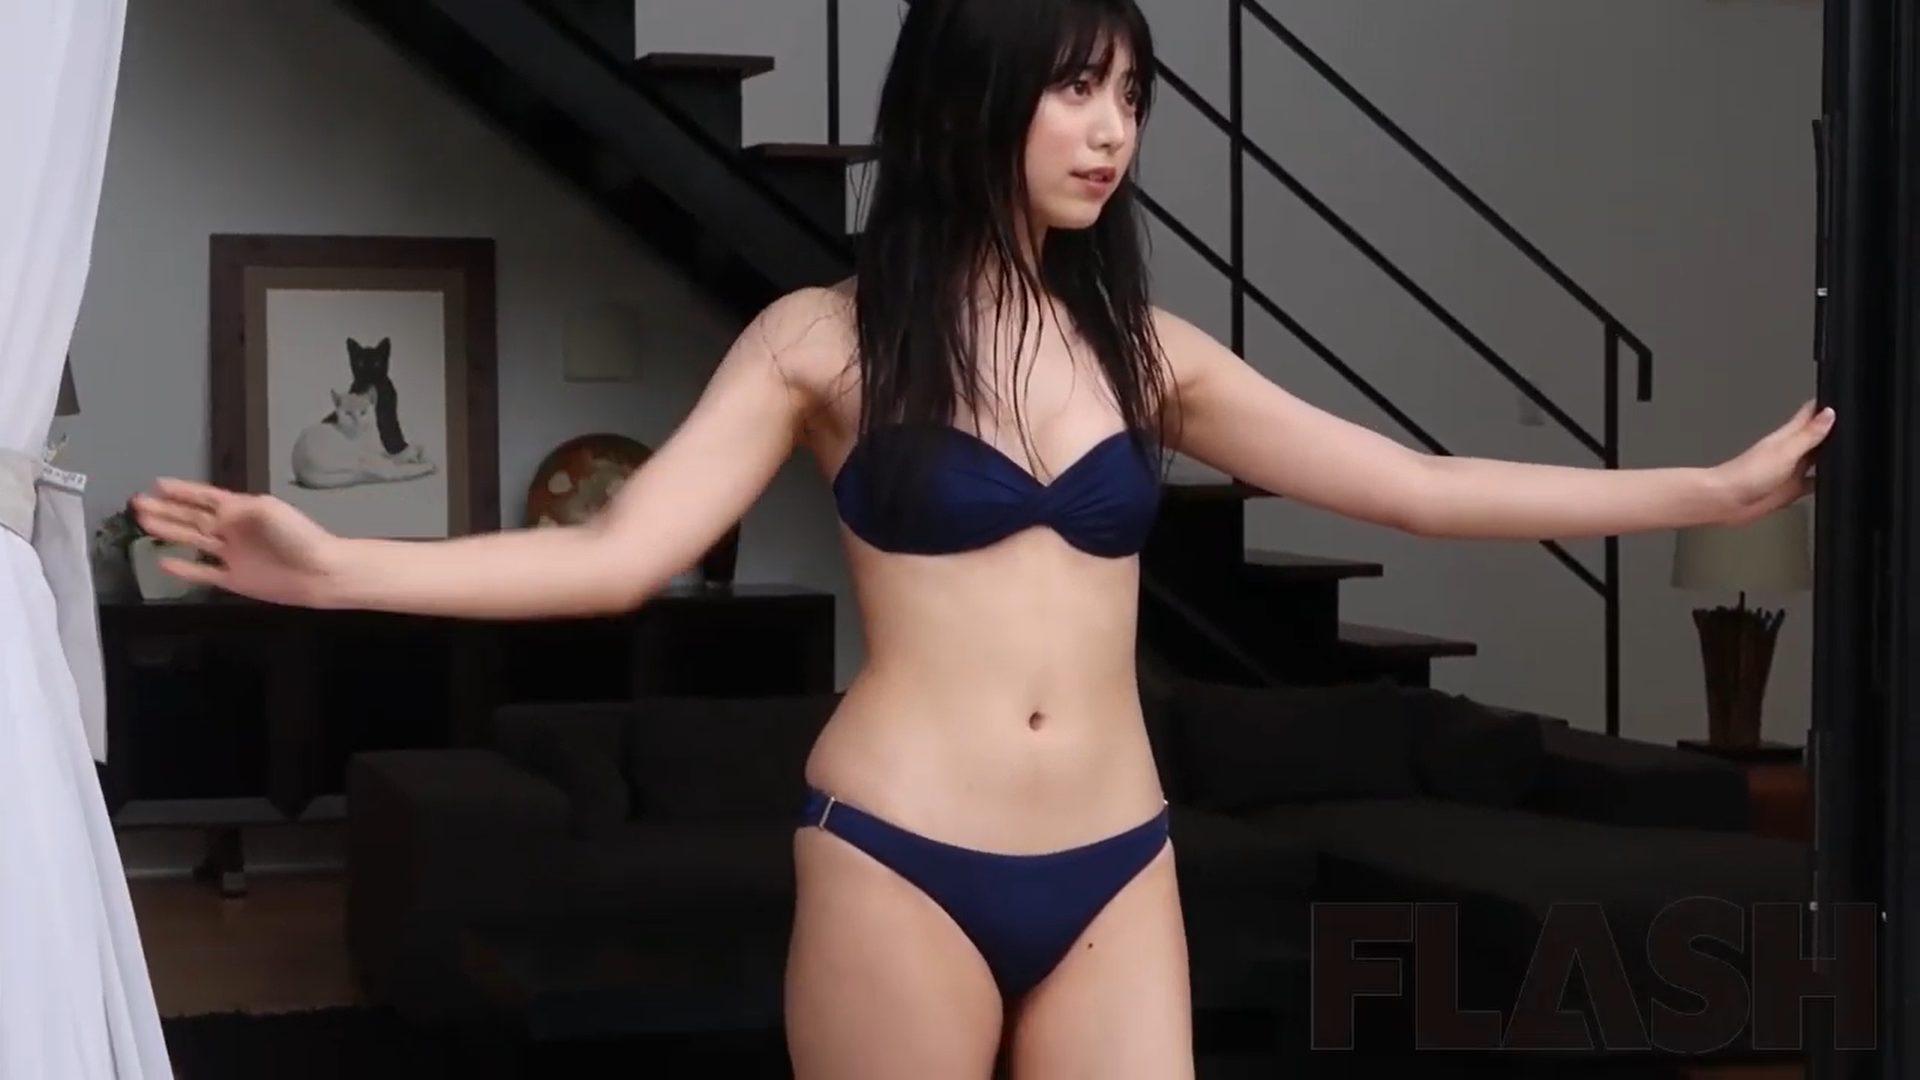 【吉田莉桜】-カップ3 週刊FLASHグラビアメイキング動画!水着姿を披露!